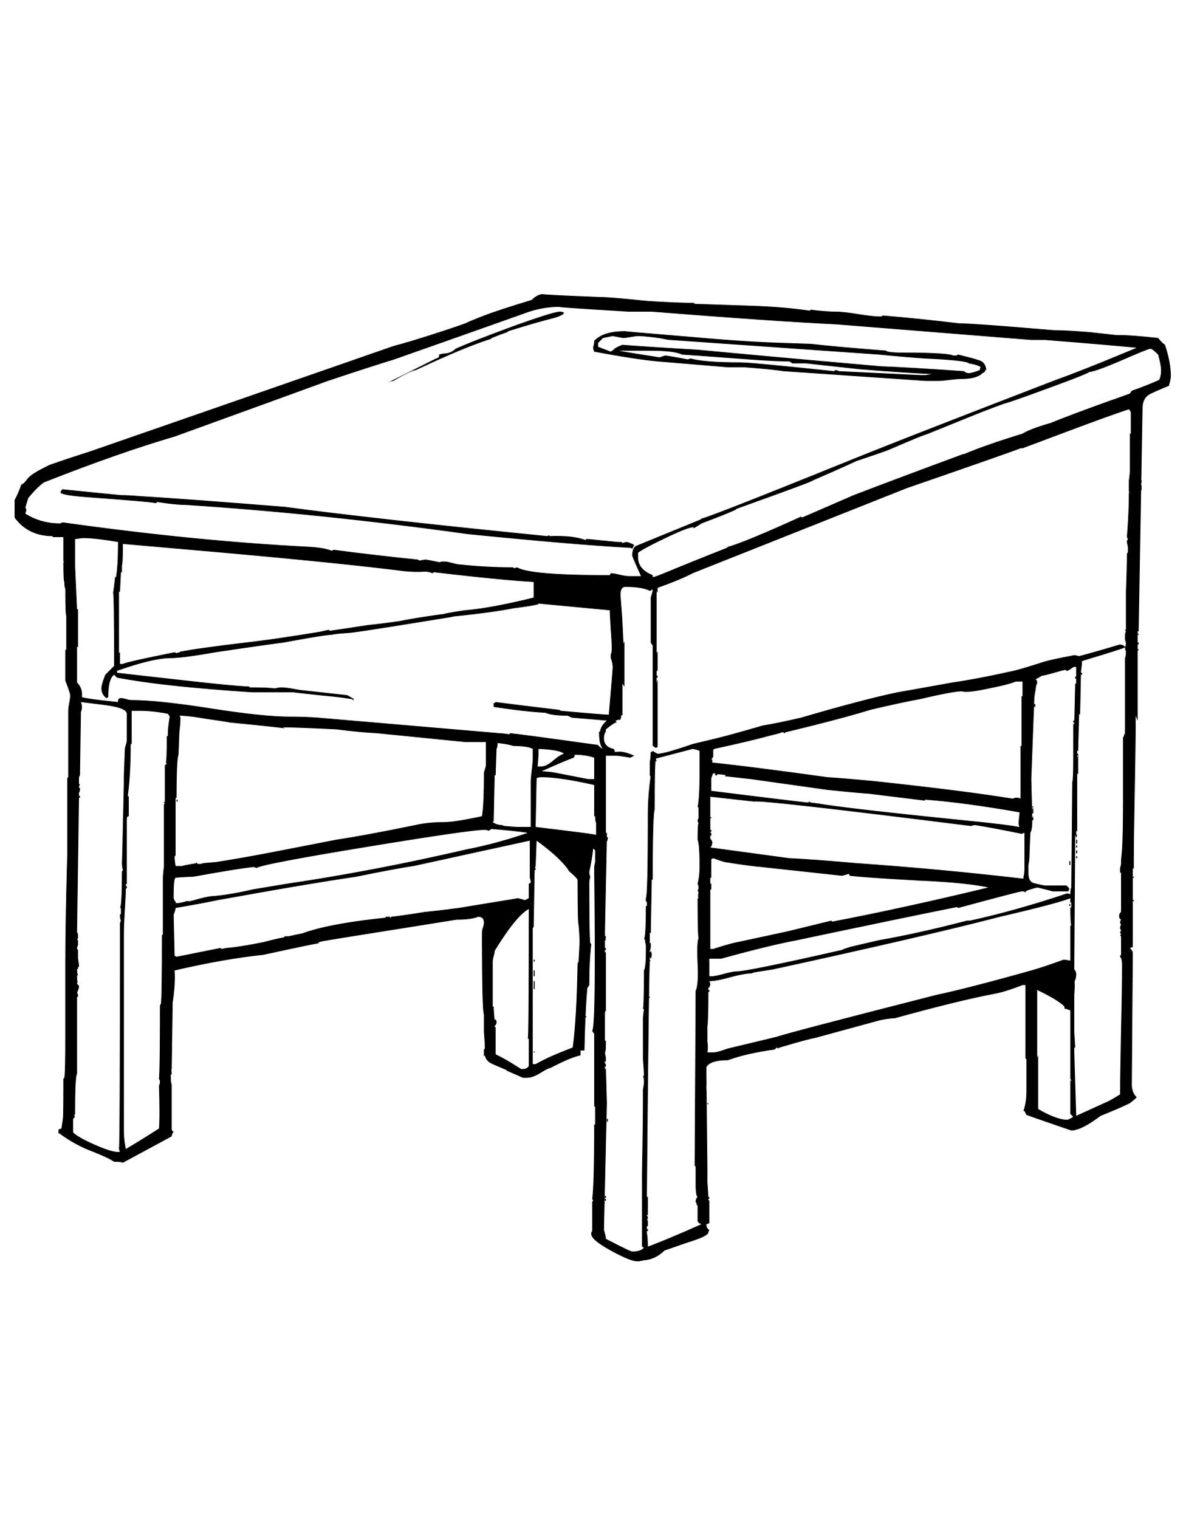 Парта - Картинка для раскрашивания красками-гуашью